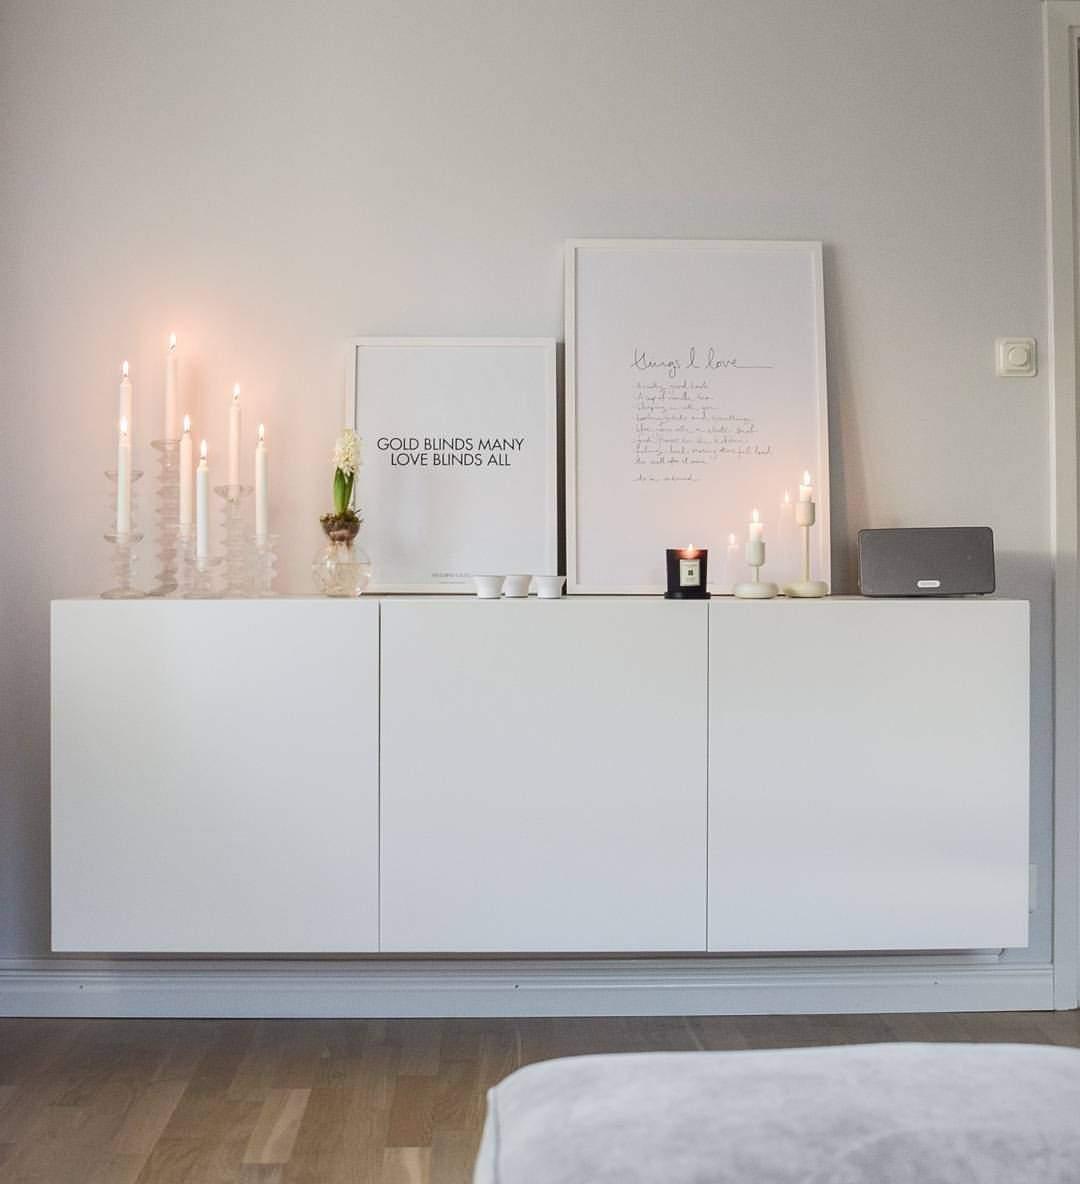 Full Size of Relaxliege Wohnzimmer Ikea Miniküche Deckenleuchte Deckenlampen Deko Liege Board Kamin Sofa Mit Schlaffunktion Pendelleuchte Kleines Deckenlampe Schrankwand Wohnzimmer Relaxliege Wohnzimmer Ikea